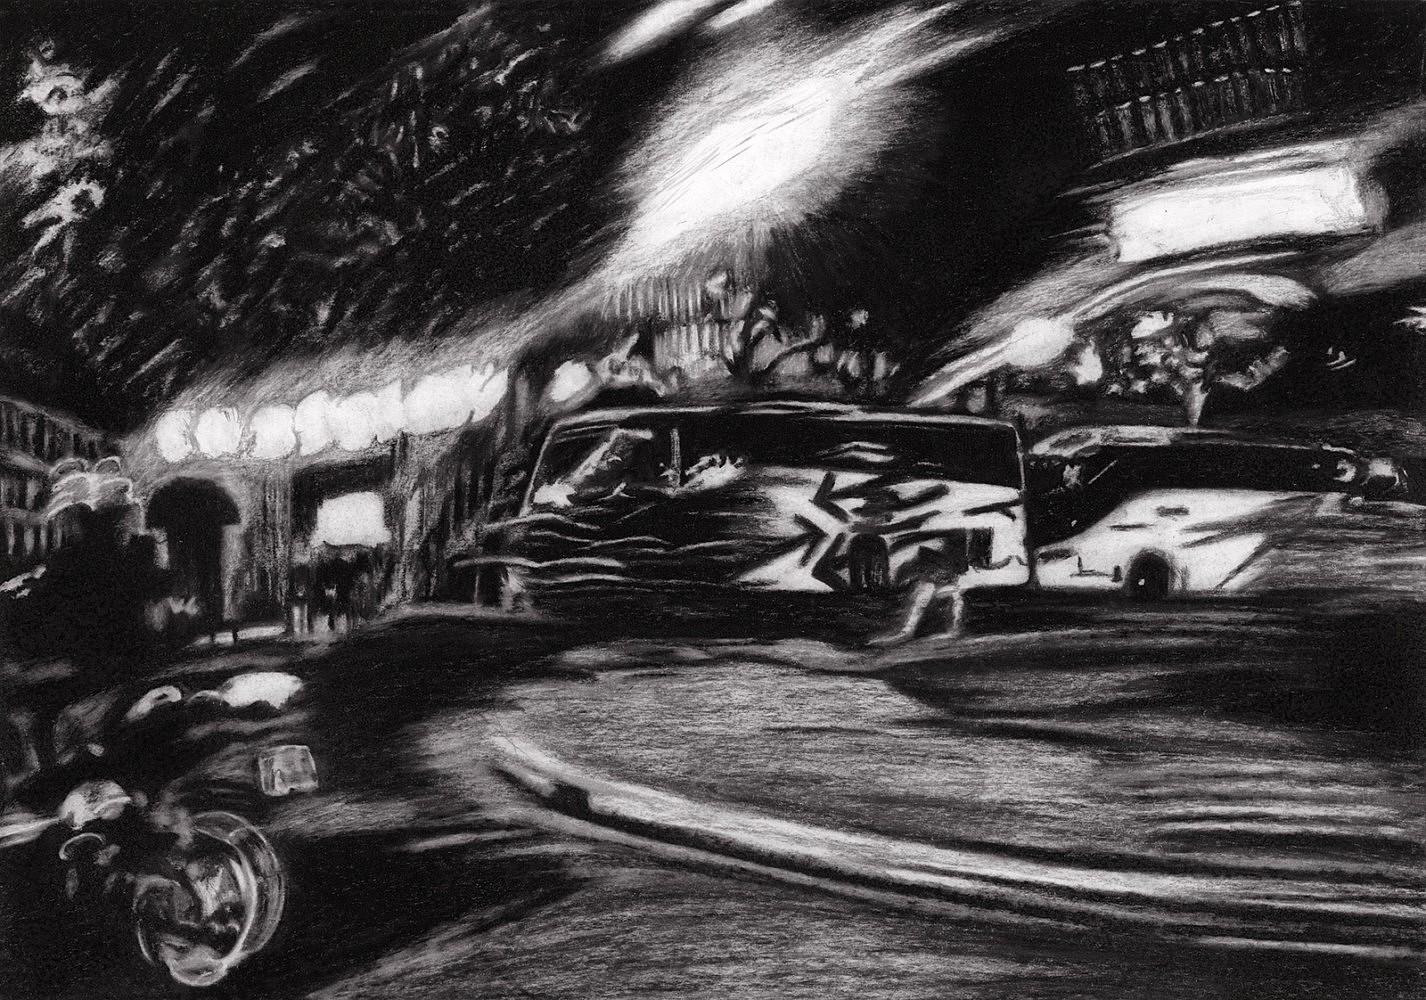 Nocturnes (Place Clichy #3) | Crayon marqueur 25x35 cm - 2011